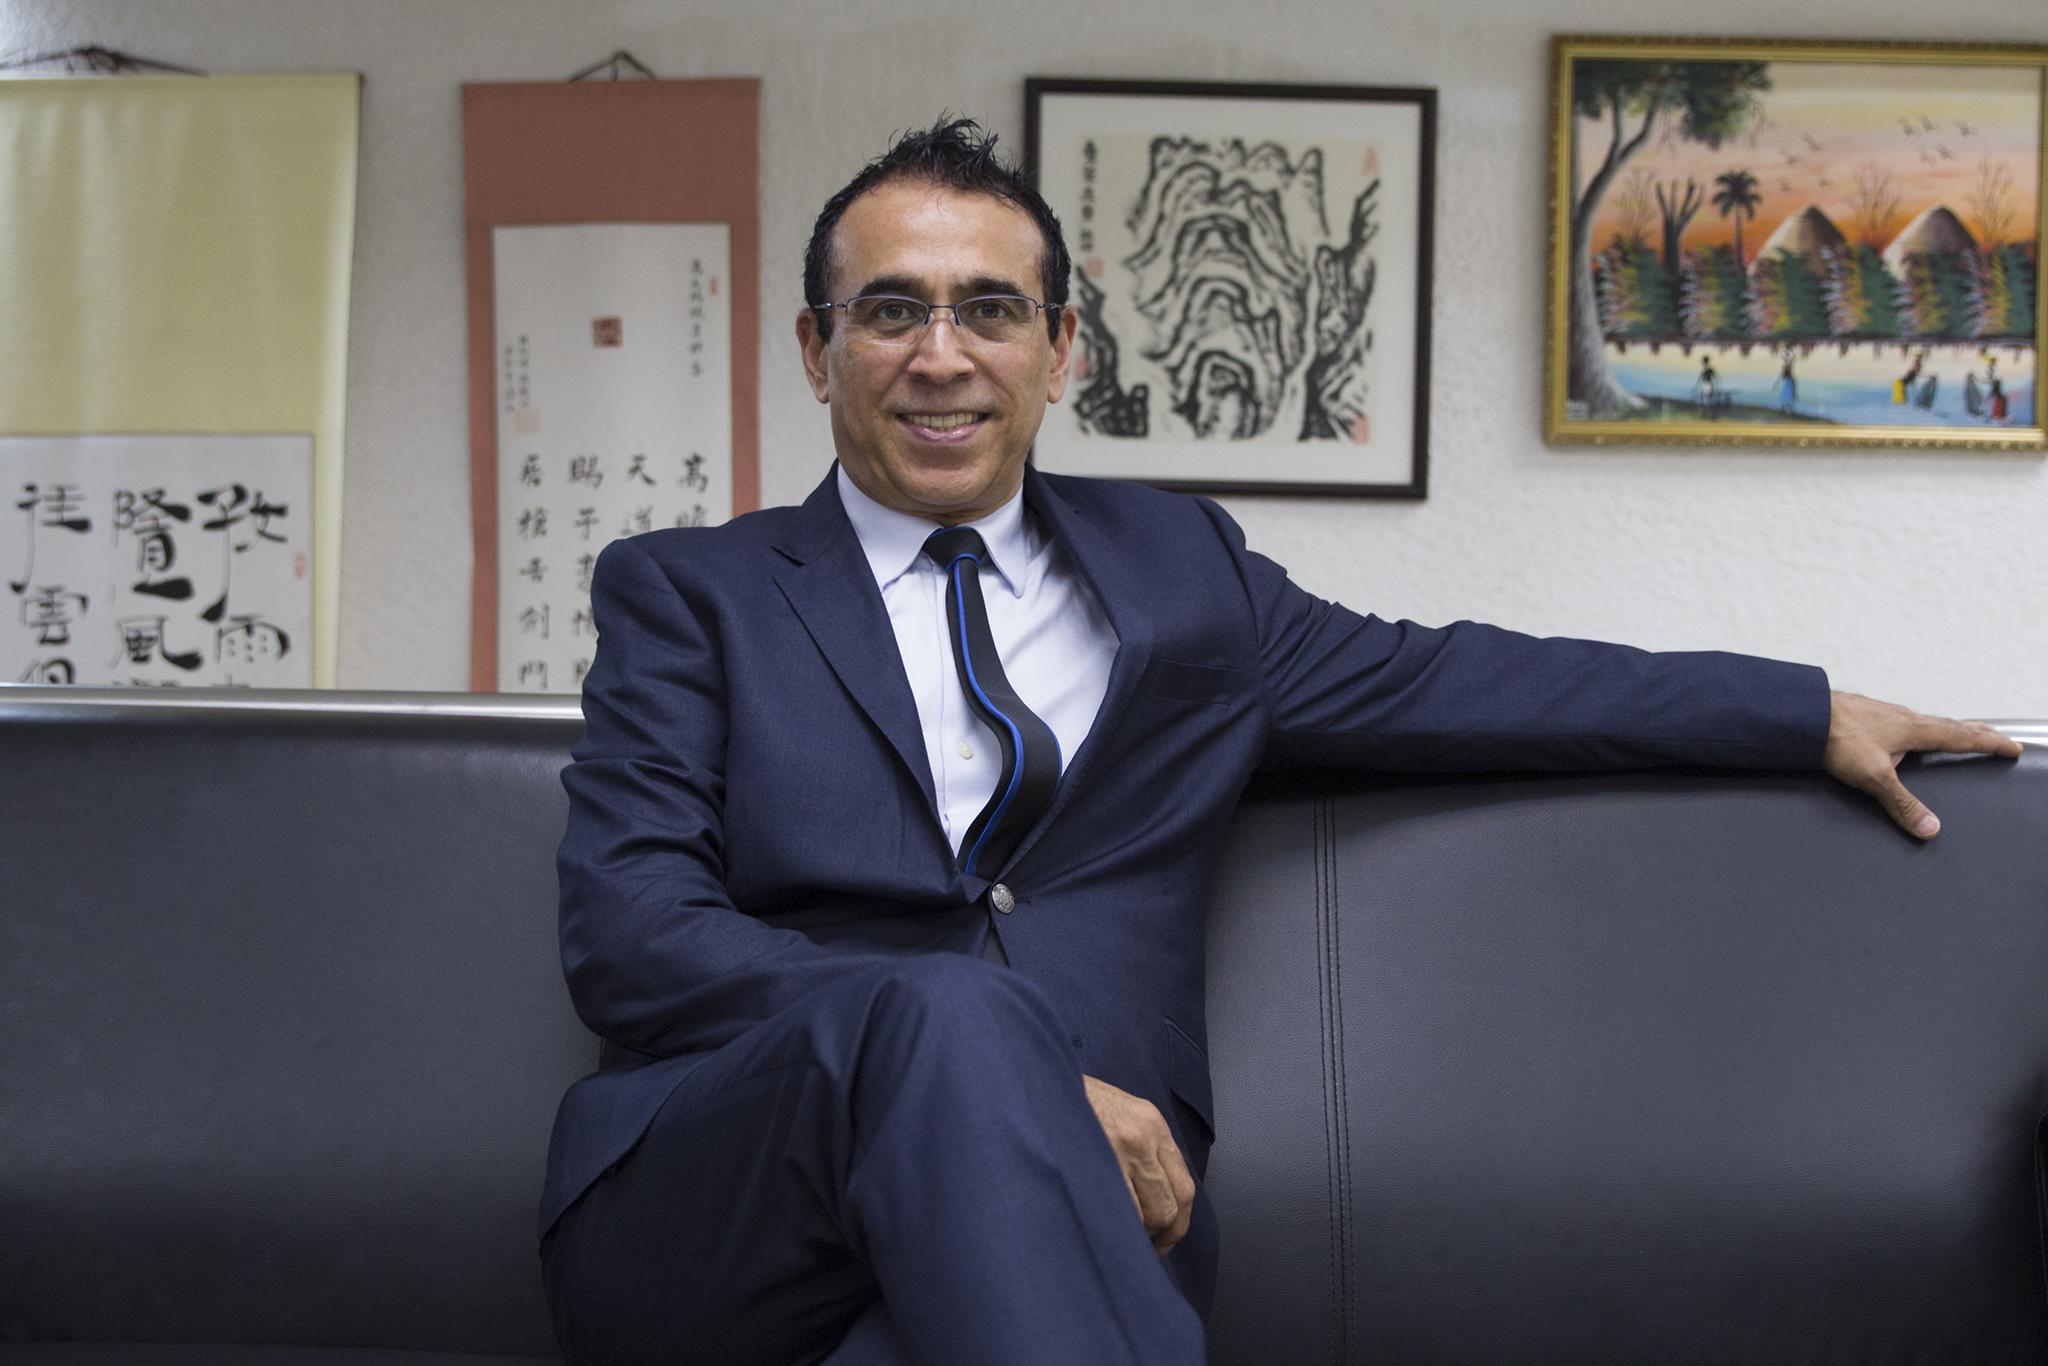 Comunidades | Pereira Coutinho abdicou de Conselho a pensar na AL